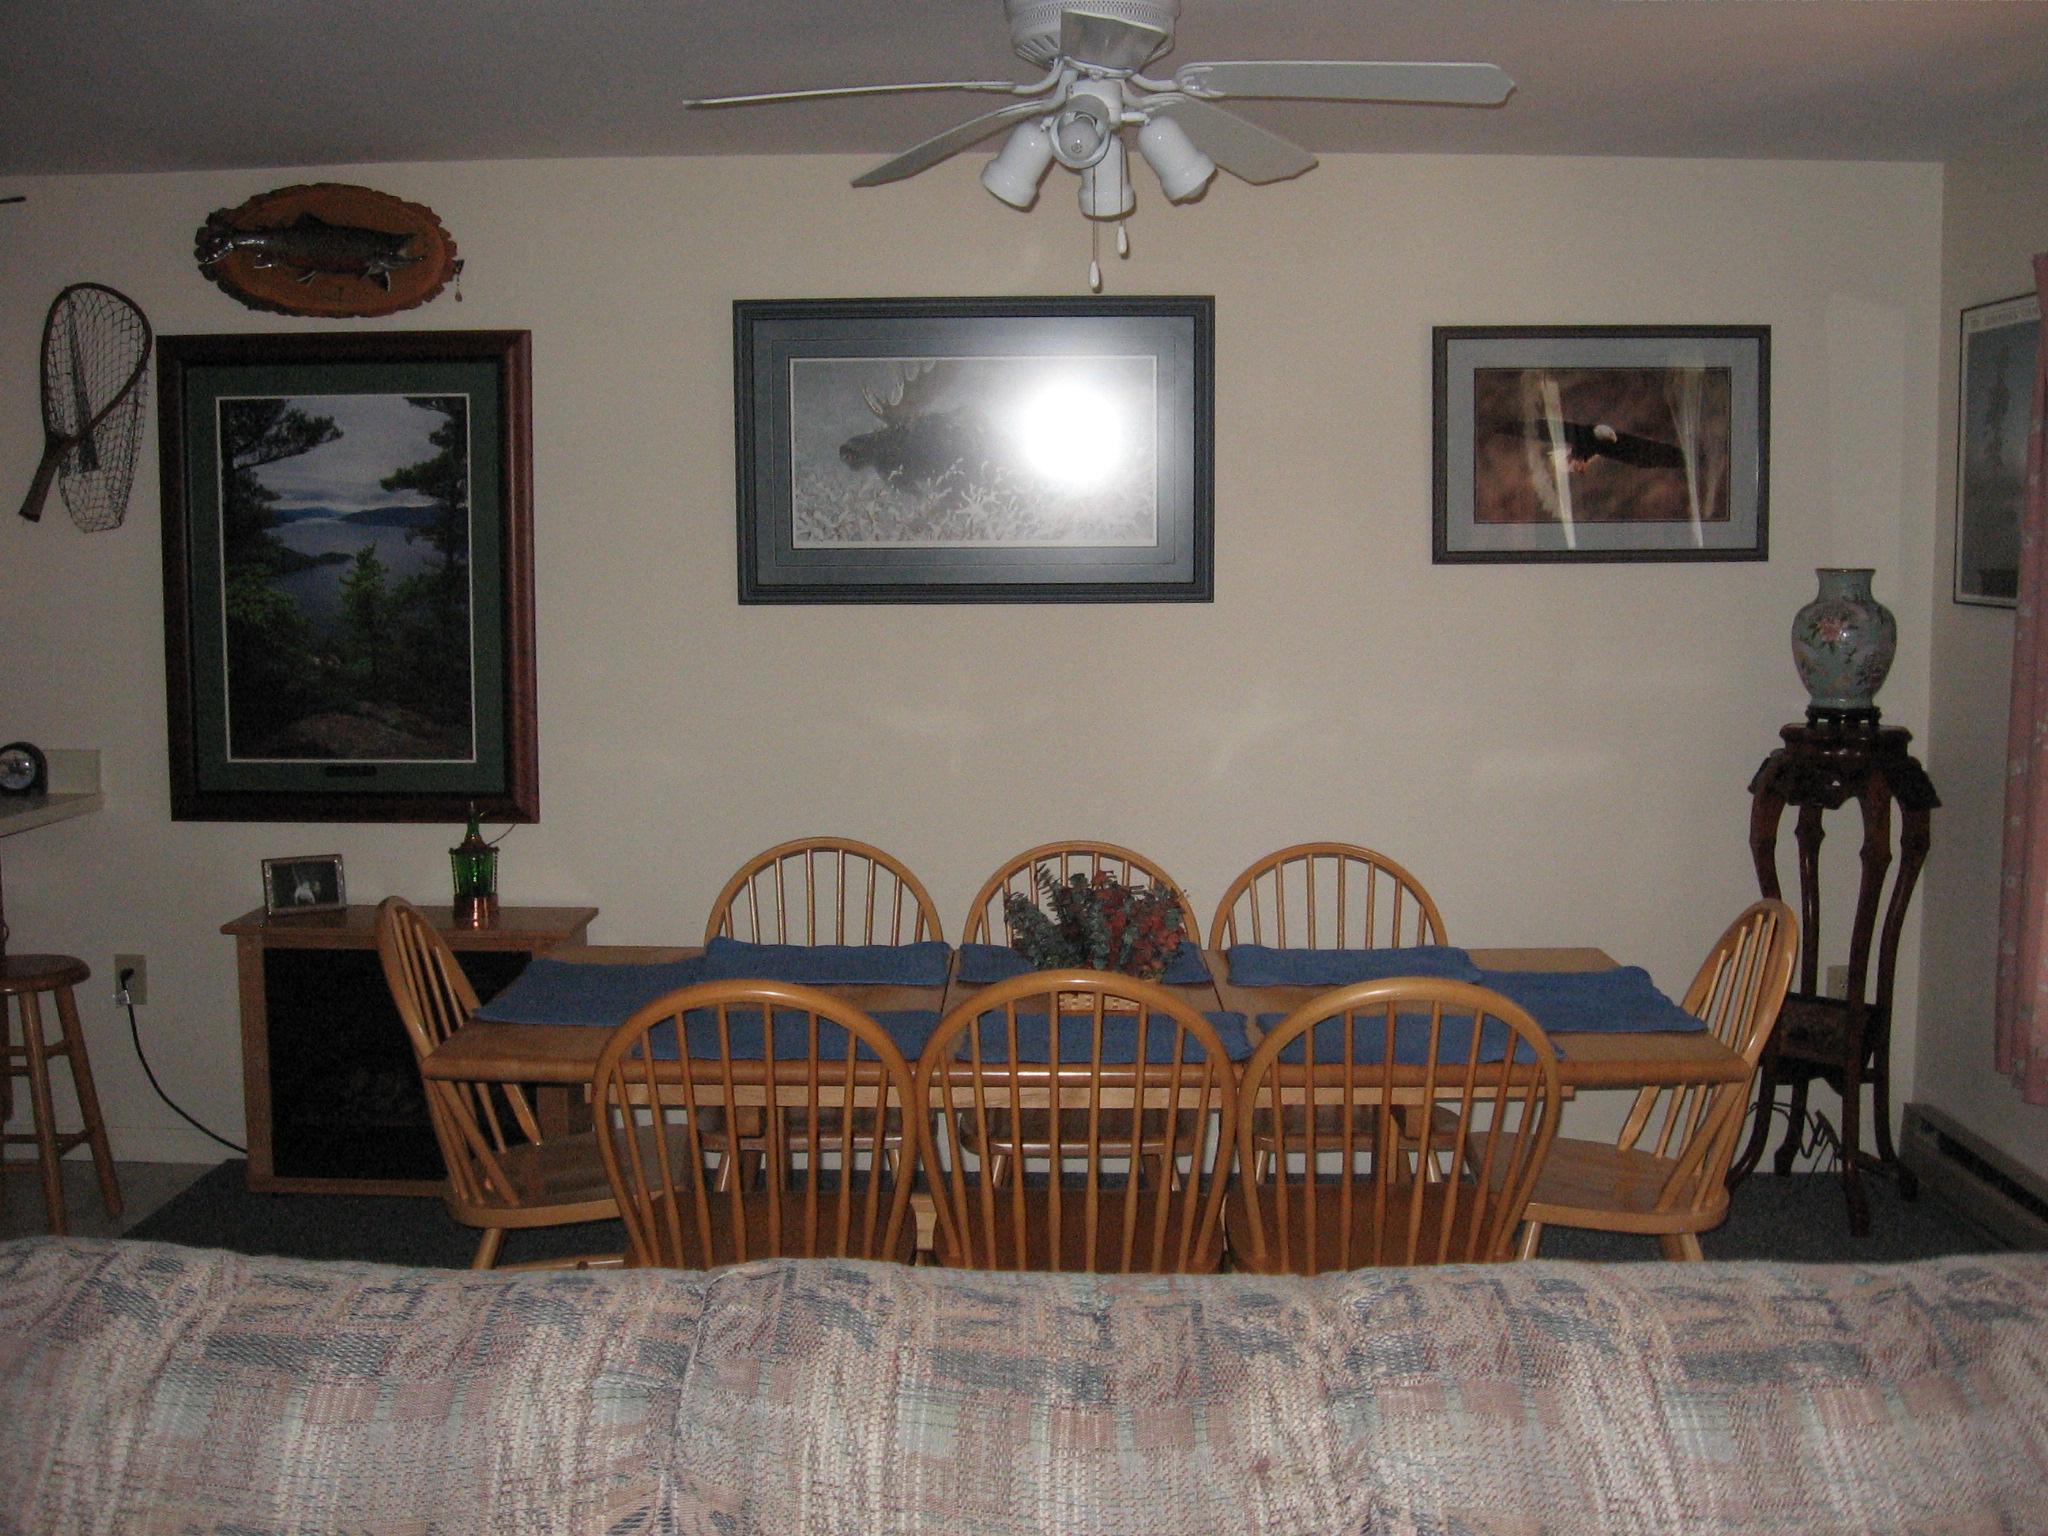 20-N dining room 3. jpg.JPG